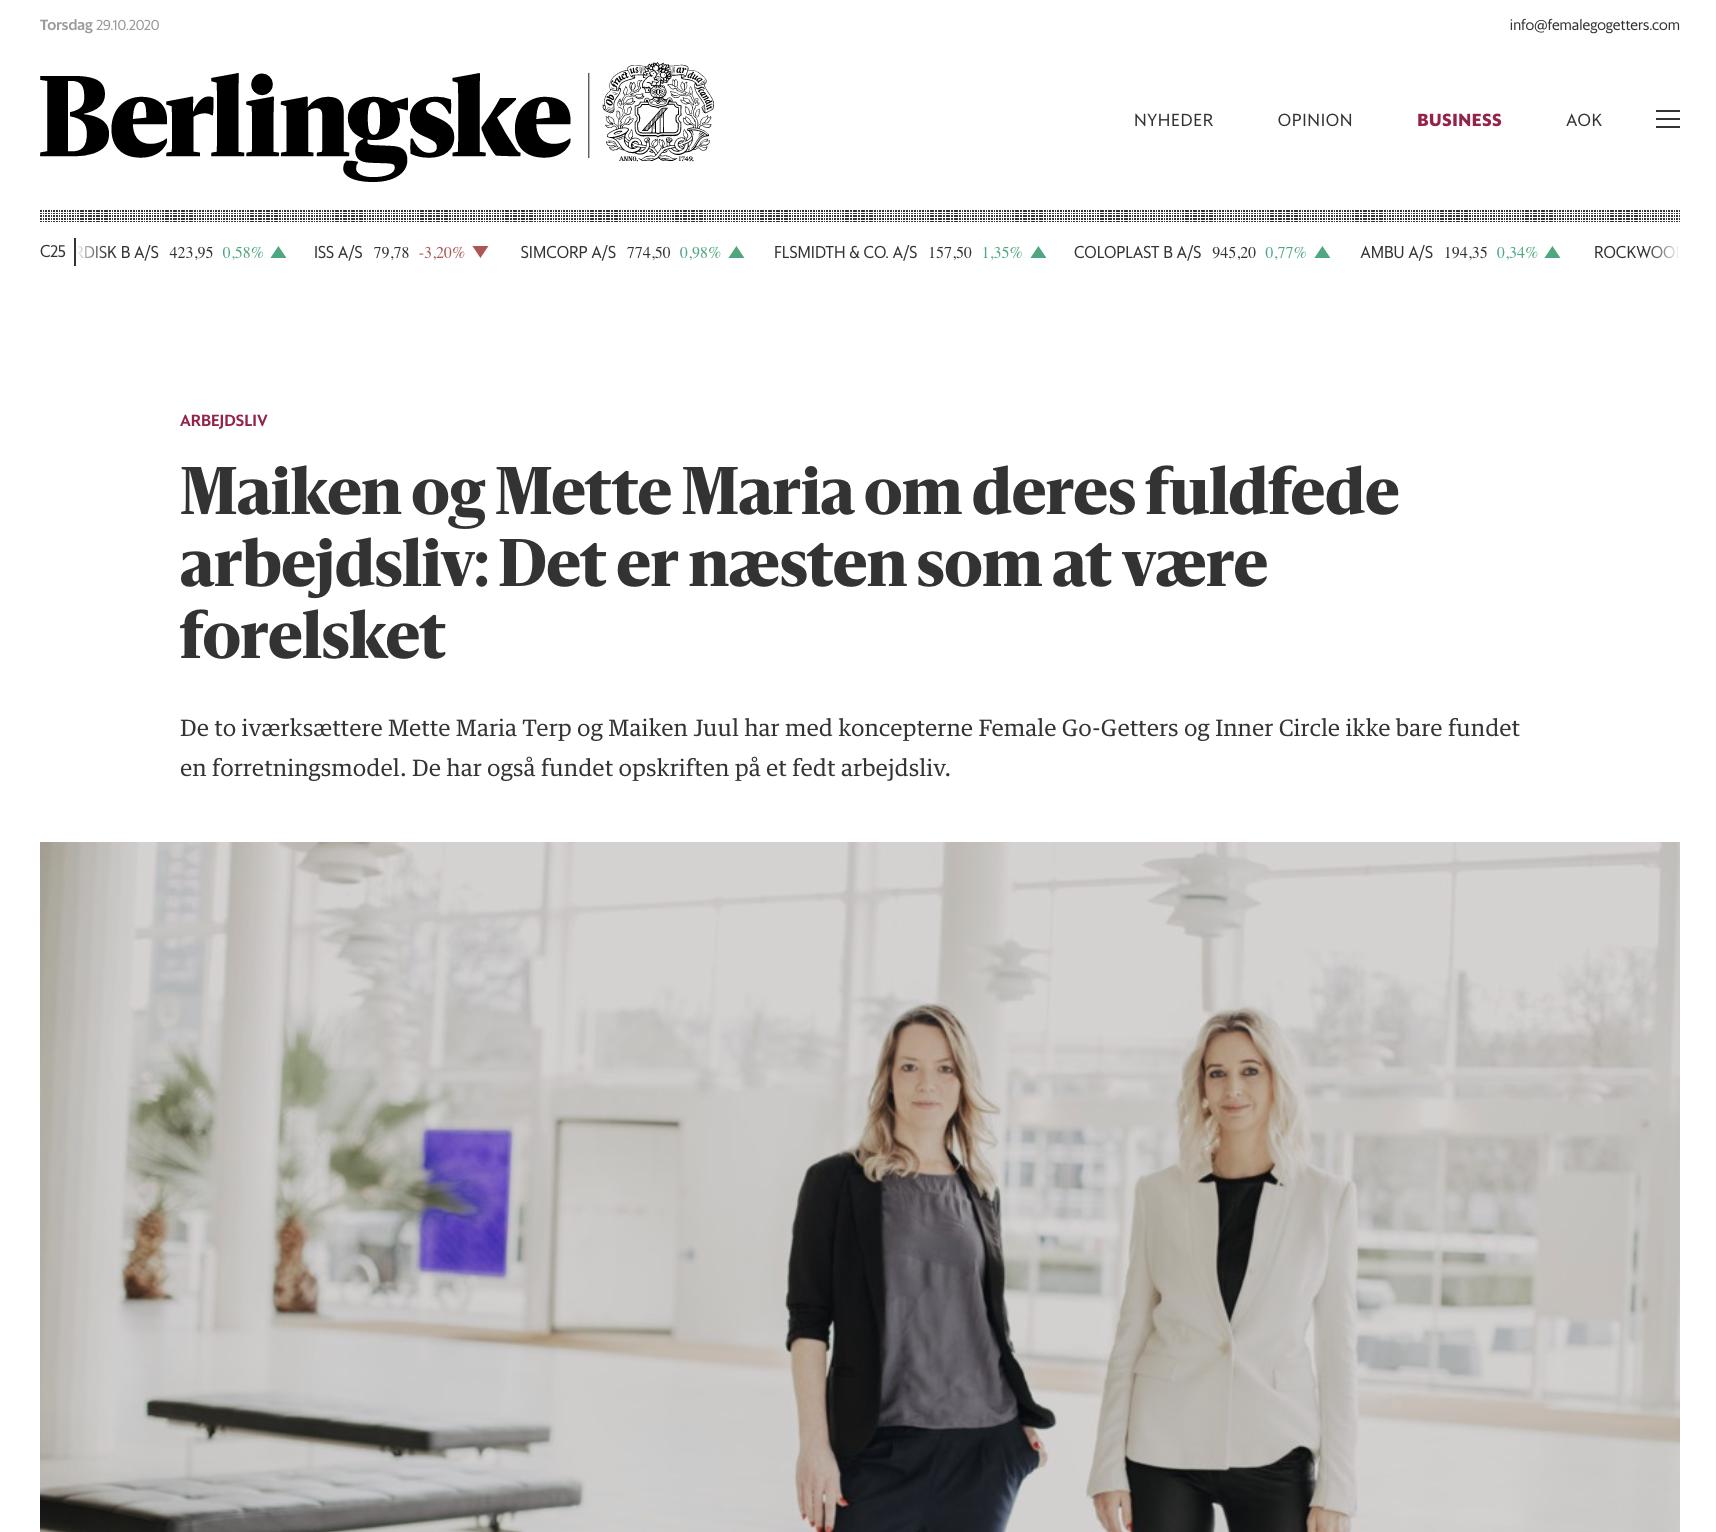 Female Go-Getter netværk for kvindelige iværksættere ved Mette Maria og Maiken Juul